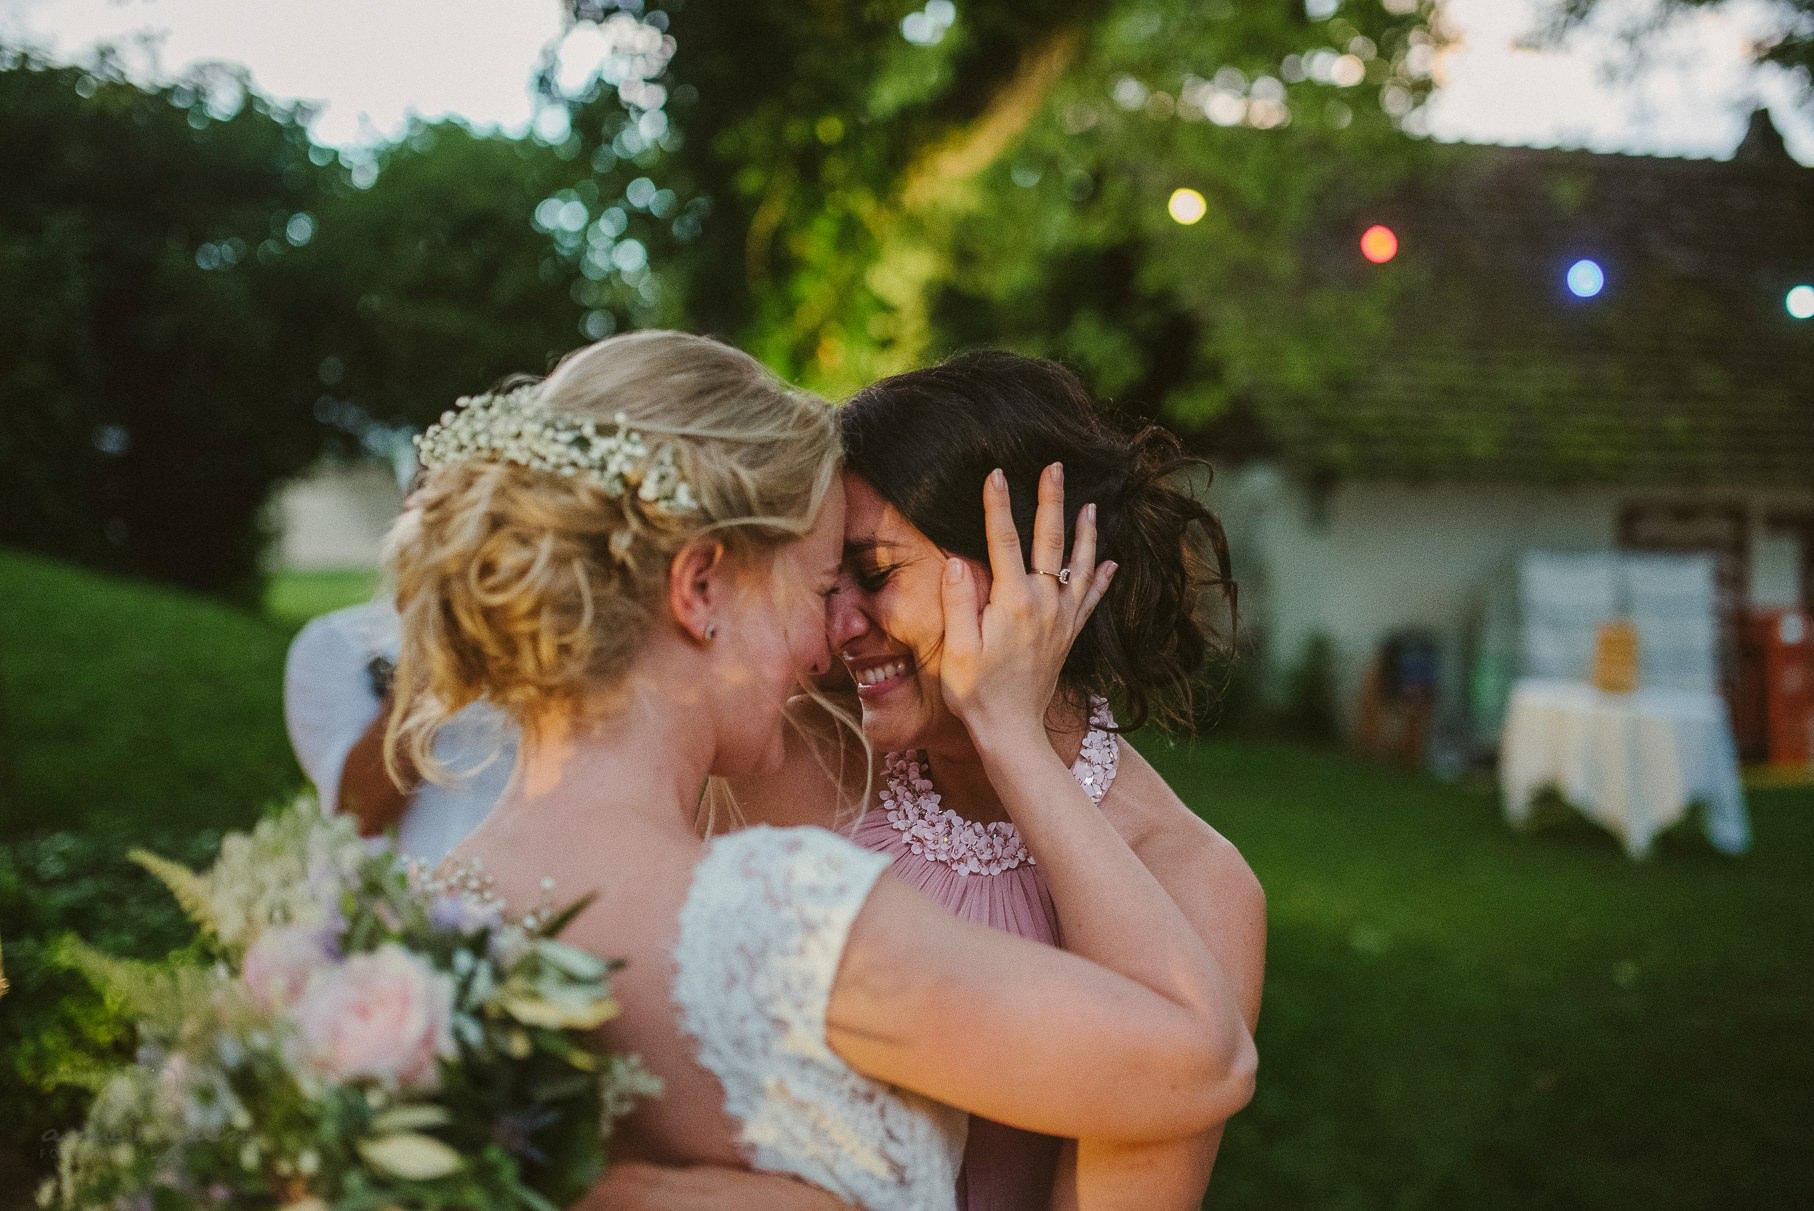 0128 anne und bjoern hochzeit schweiz d75 2276 - DIY Hochzeit in der Schweiz - Sabrina & Christoph